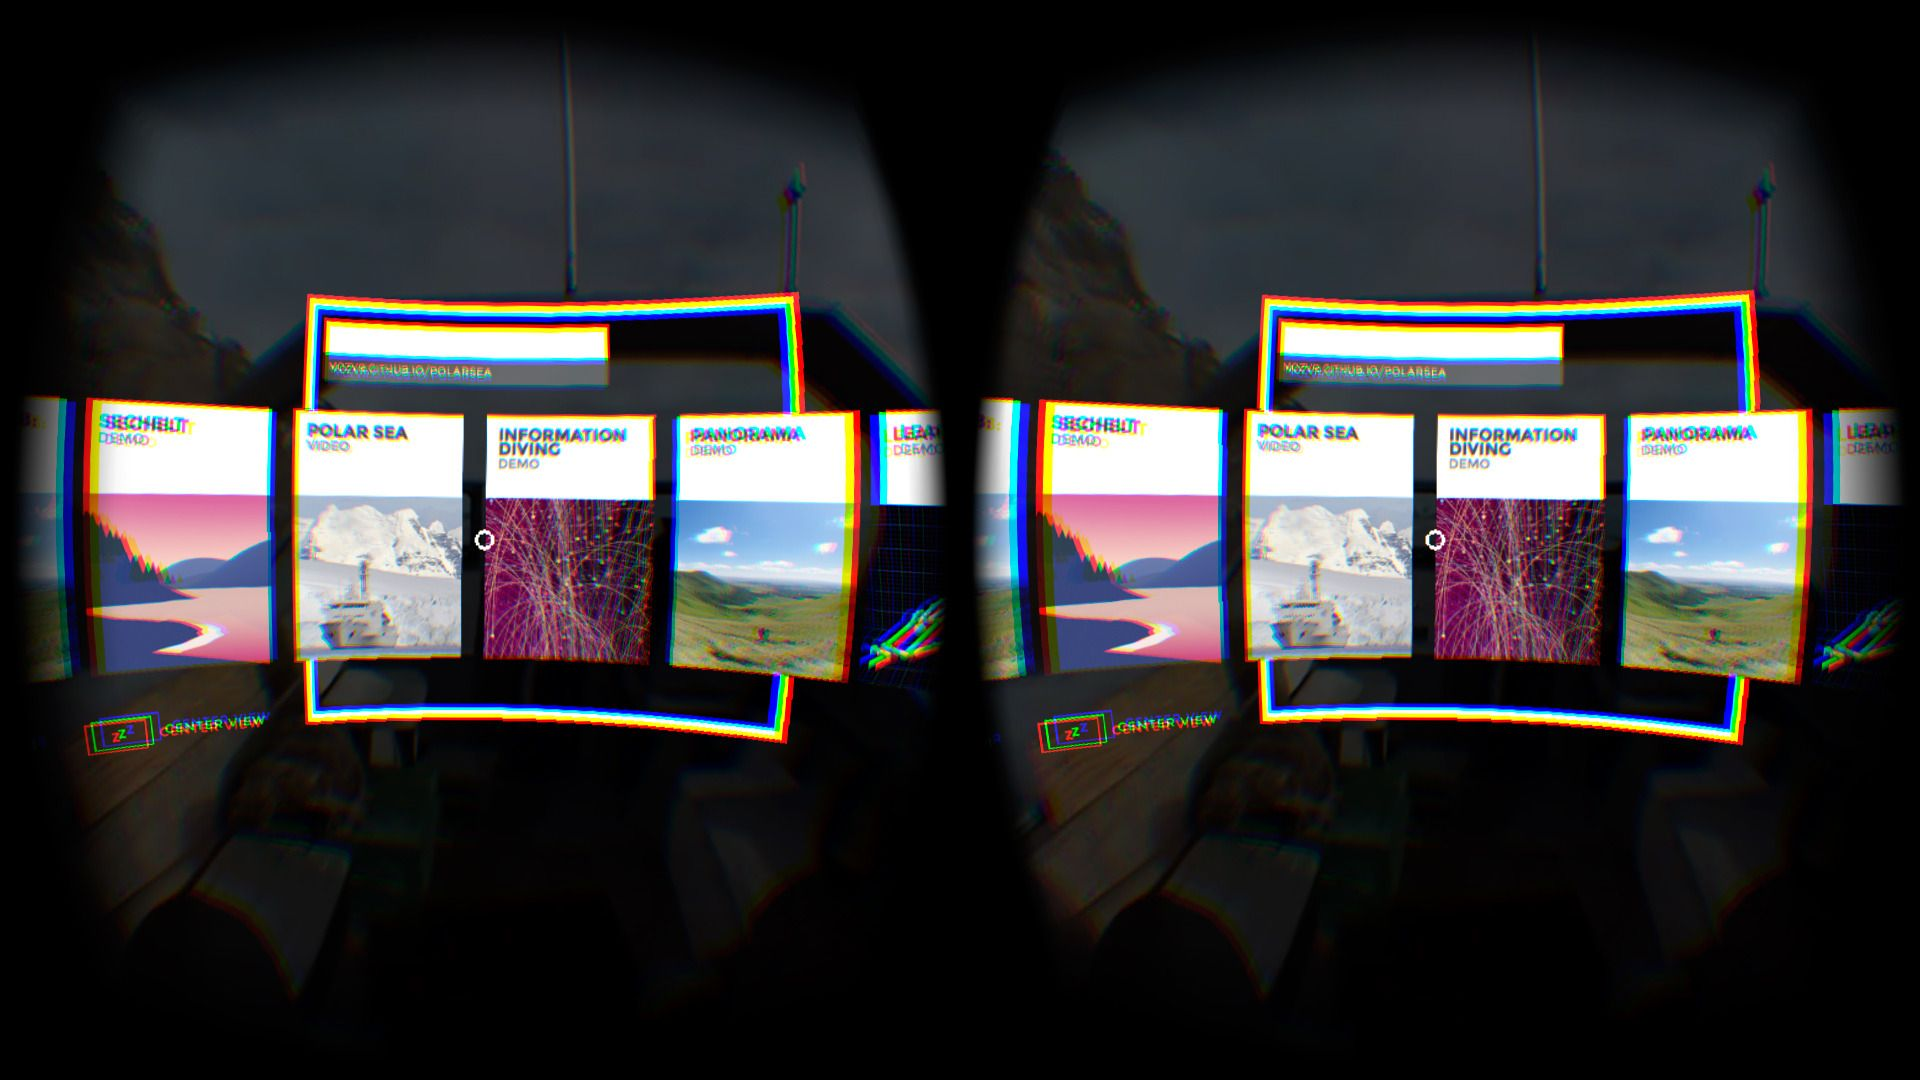 Mozilla lanserer VR-nettside for Oculus Rift